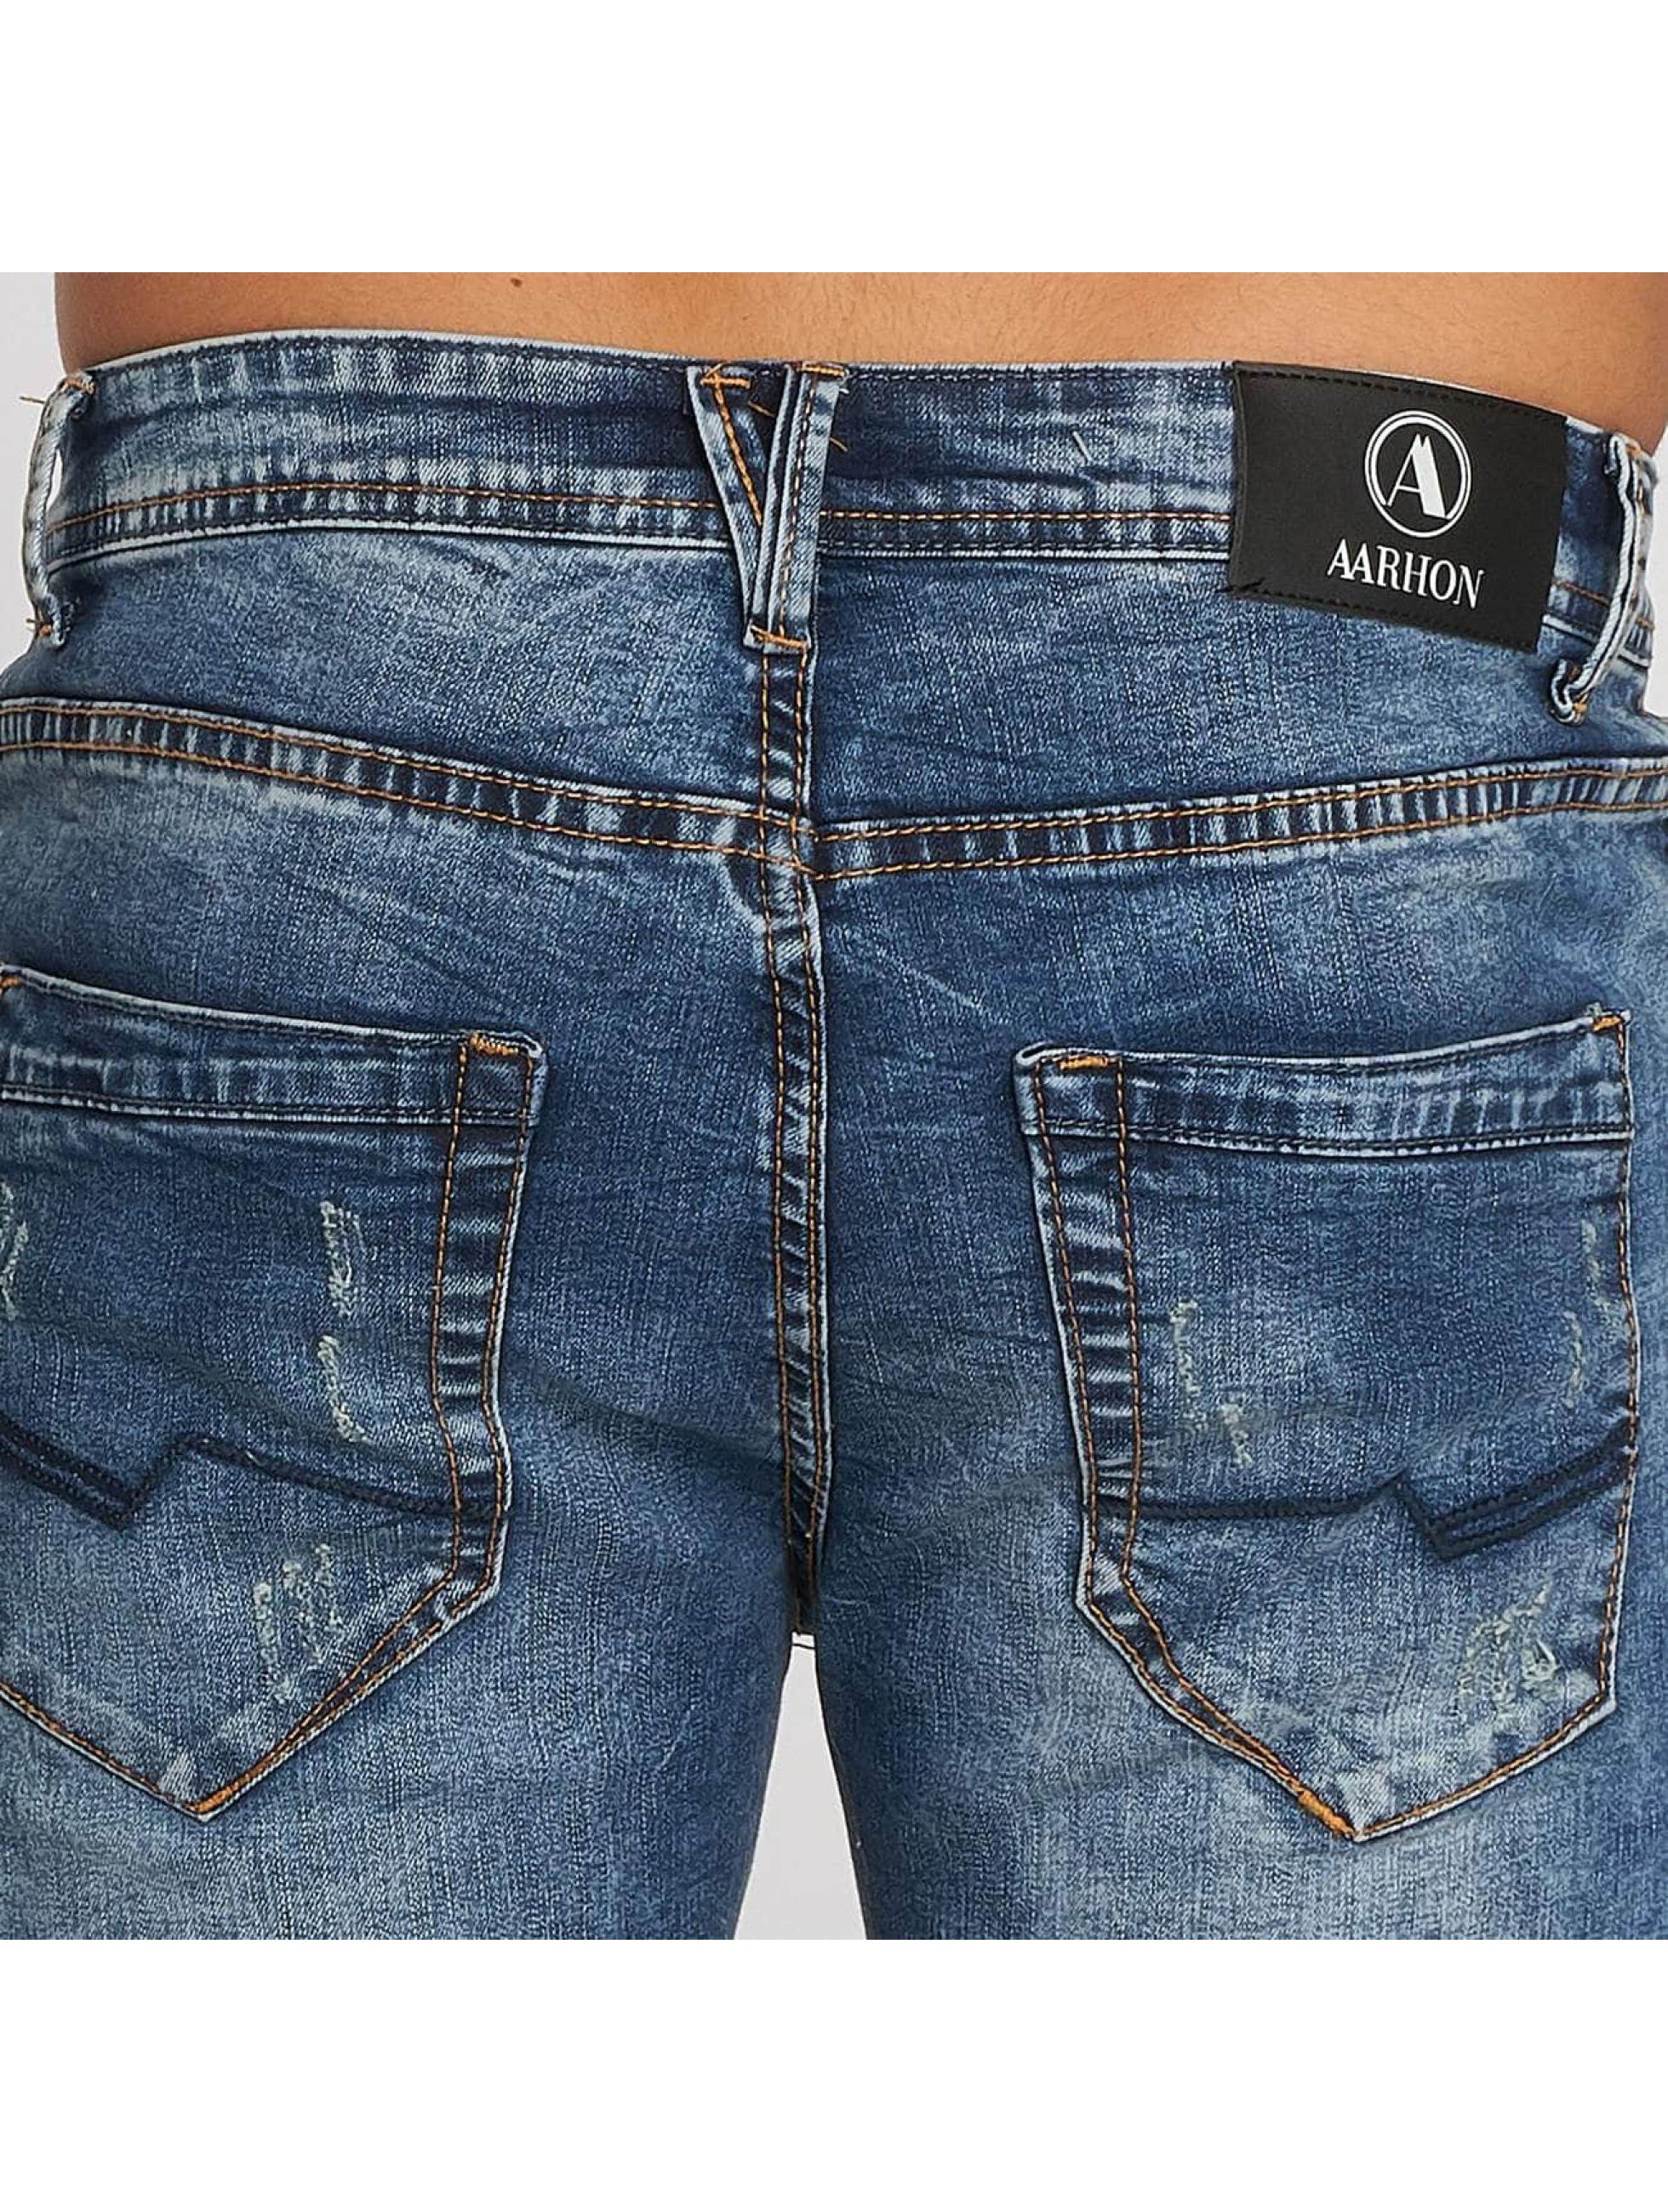 Aarhon Shorts Destroyed blå